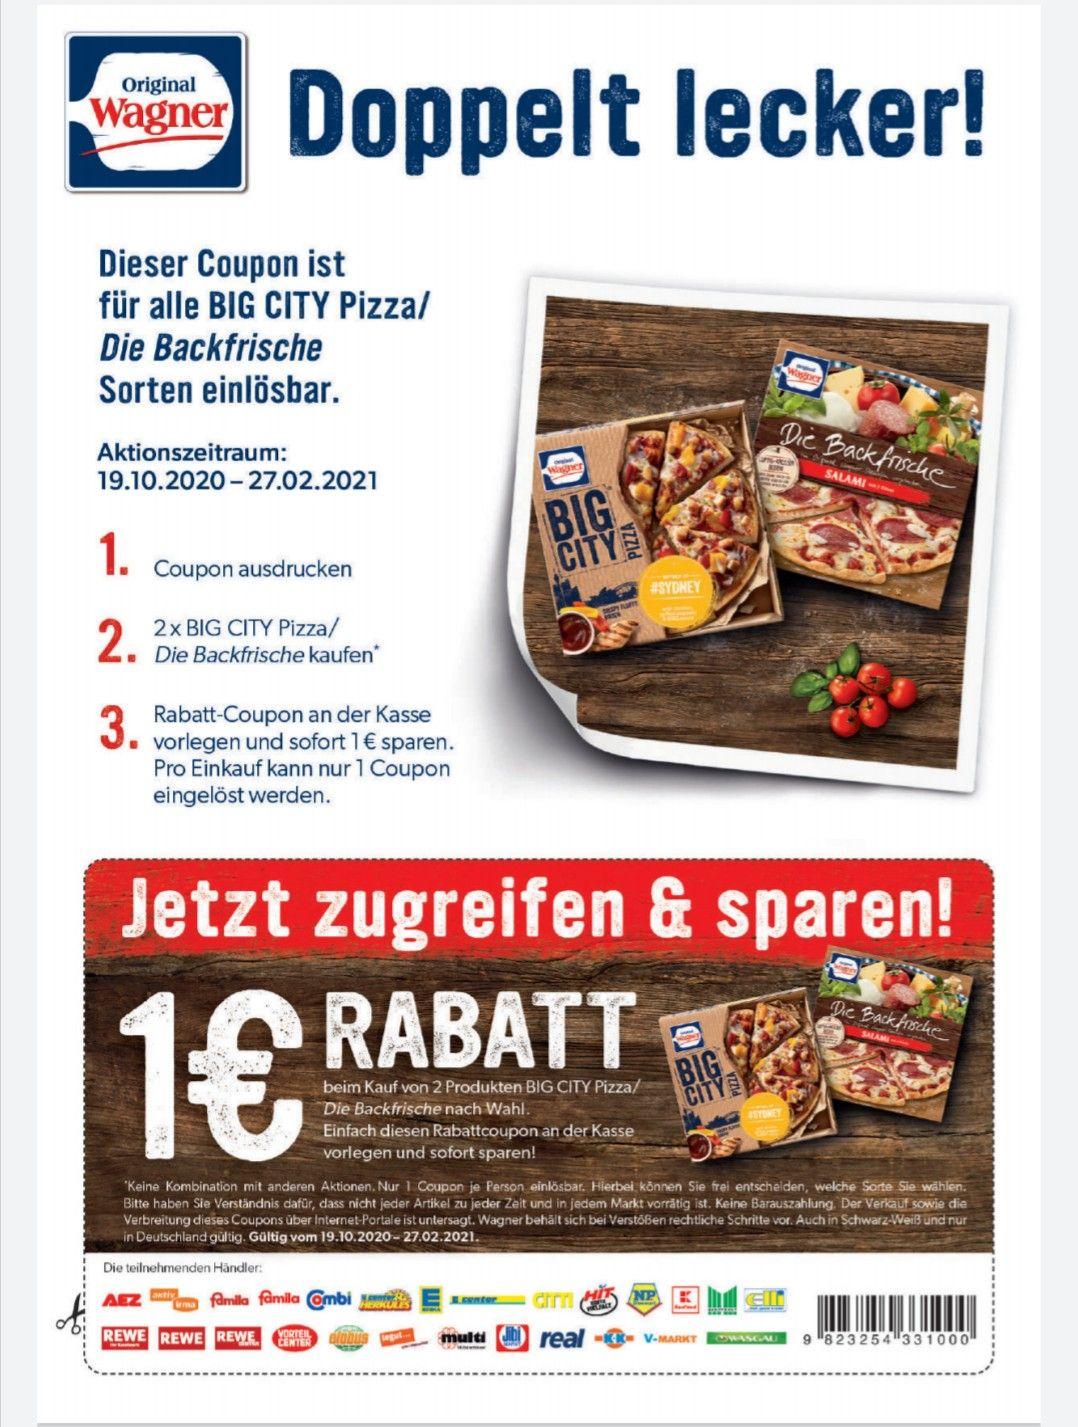 2 Wagner Big pizza / Die Backfrische kaufen 1€ Rabatt Coupon bis 27.02.2021 in teilnehmenden Märkten